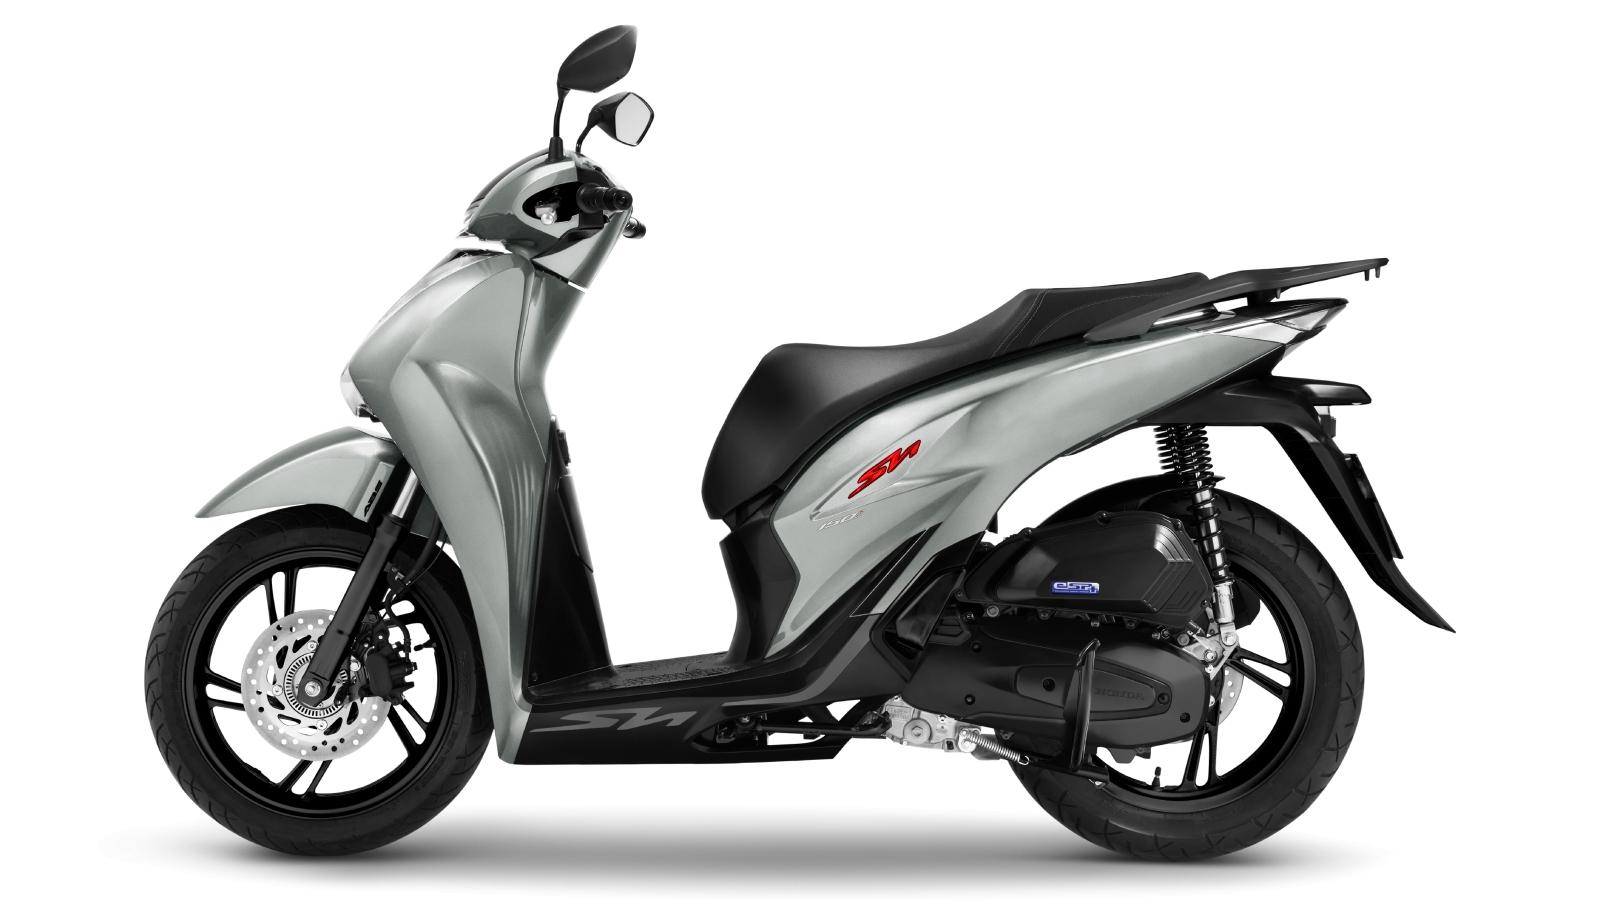 Honda SH 125i/150i thêm phiên bản mới, tăng giá 500.000 đồng